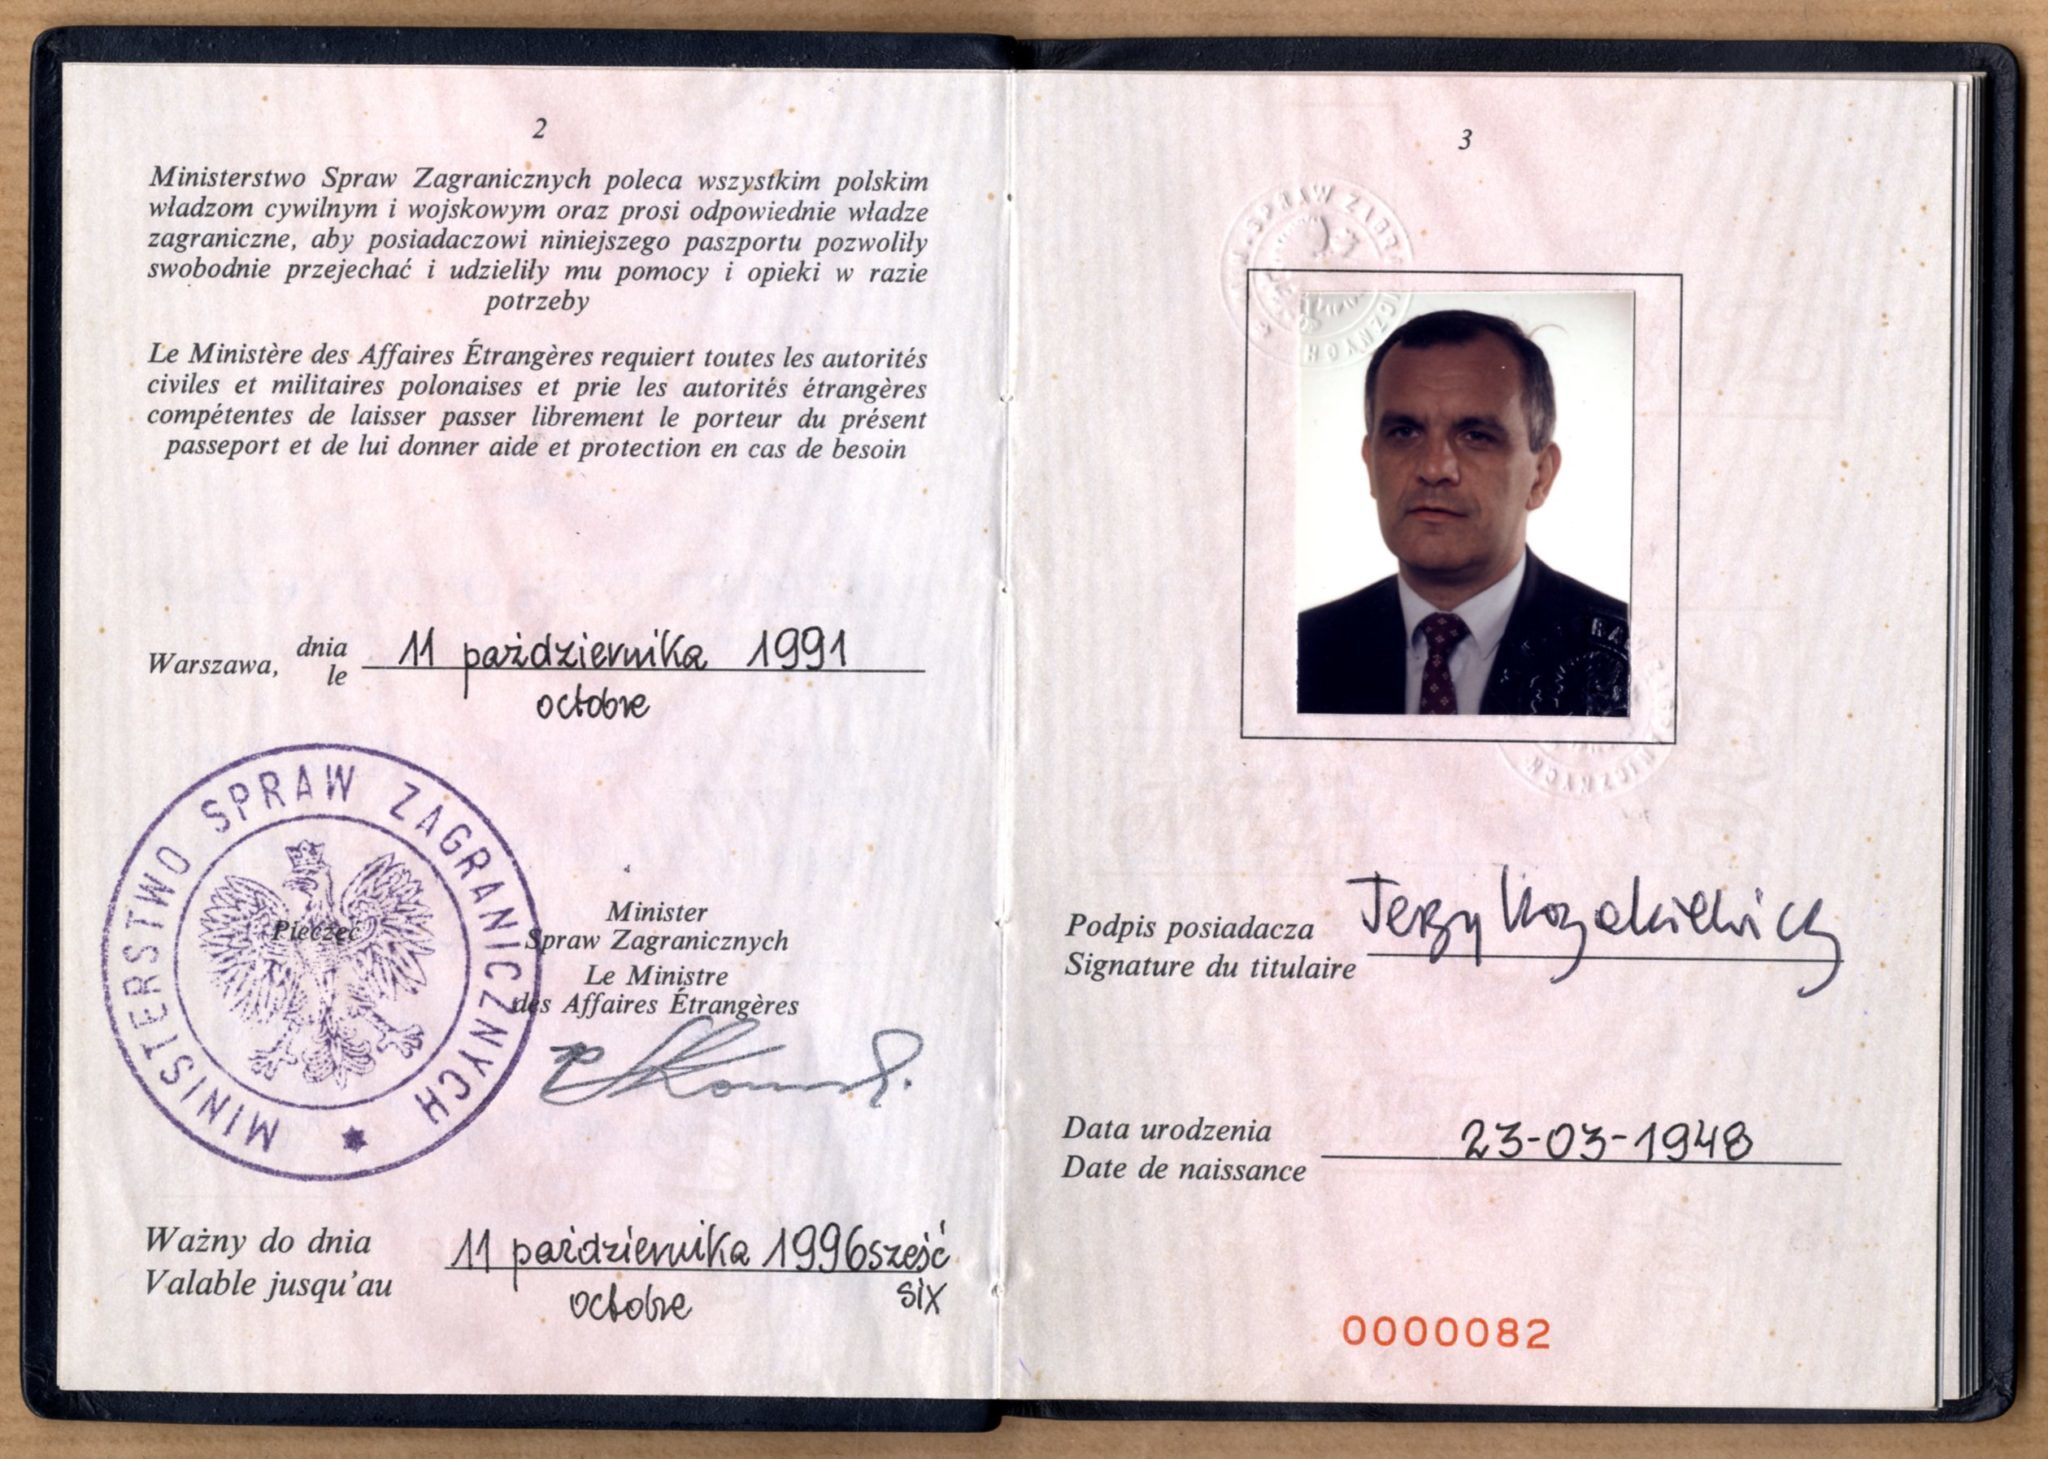 Дипломатичний паспорт Спеціального Посланника Уряду Республіки Польща у Києві Єжи Козакевича, 11 жовтня 1991